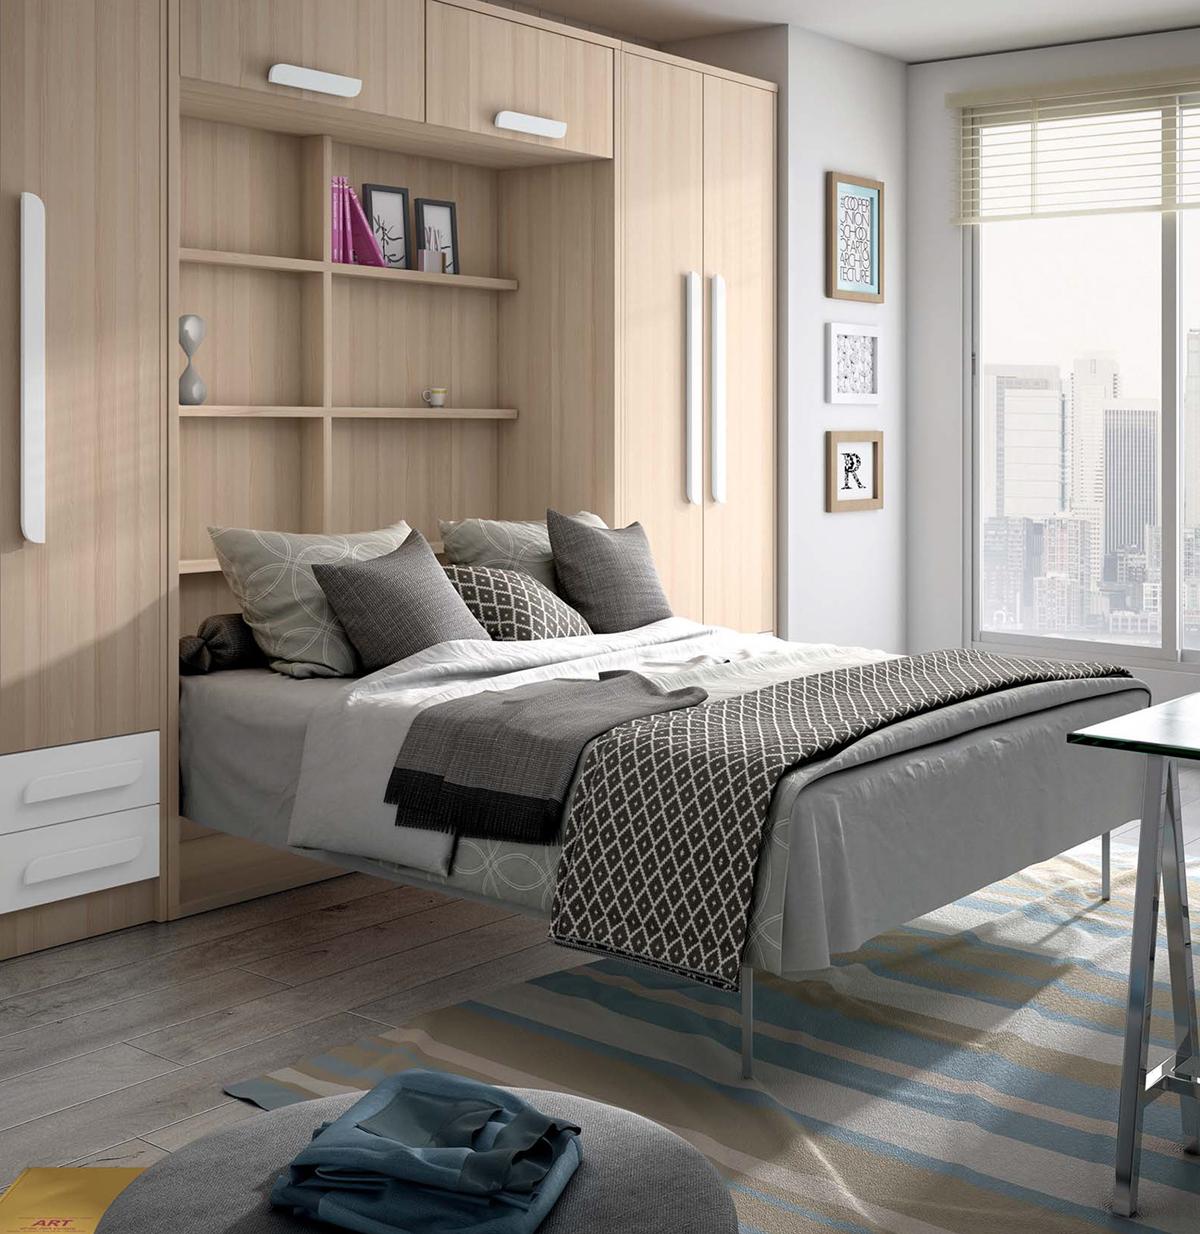 Diferentes estilos de dormitorios en nuestra muebler a en for Muebles juveniles asturias